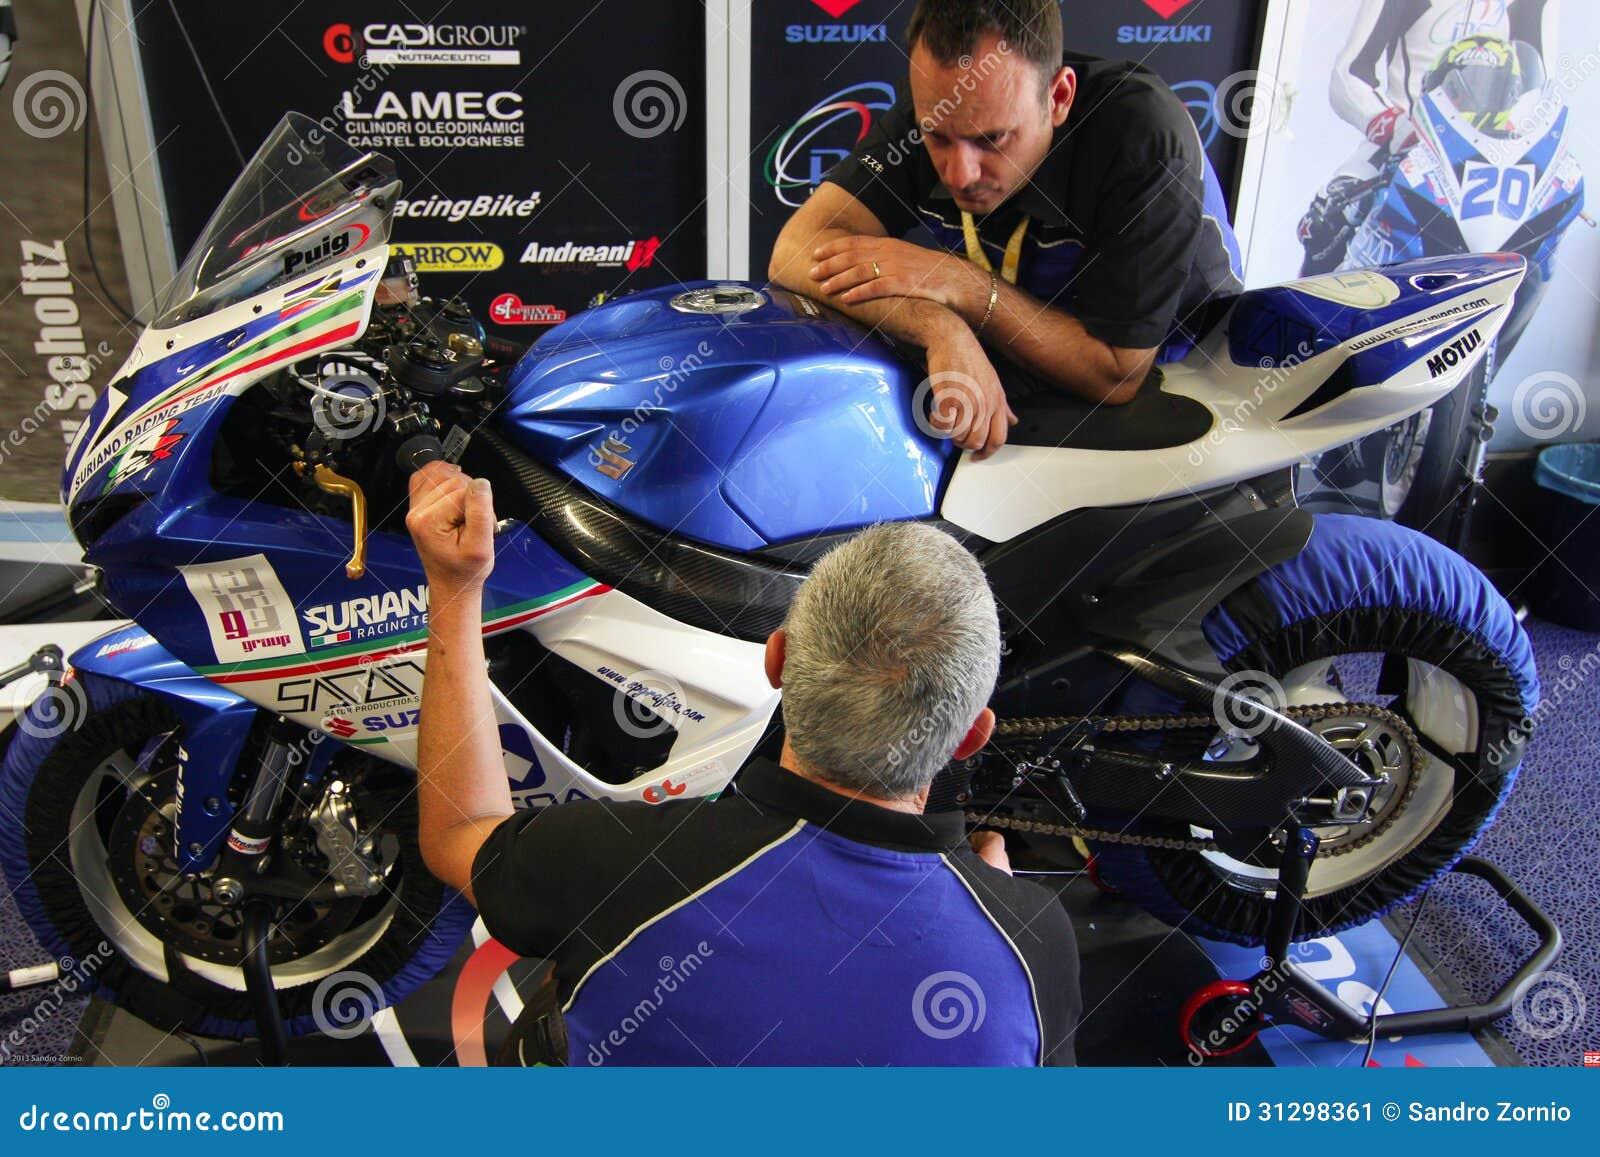 NS Suriano Corse Suzuki GSX-R 600 in Supersport championship WSS